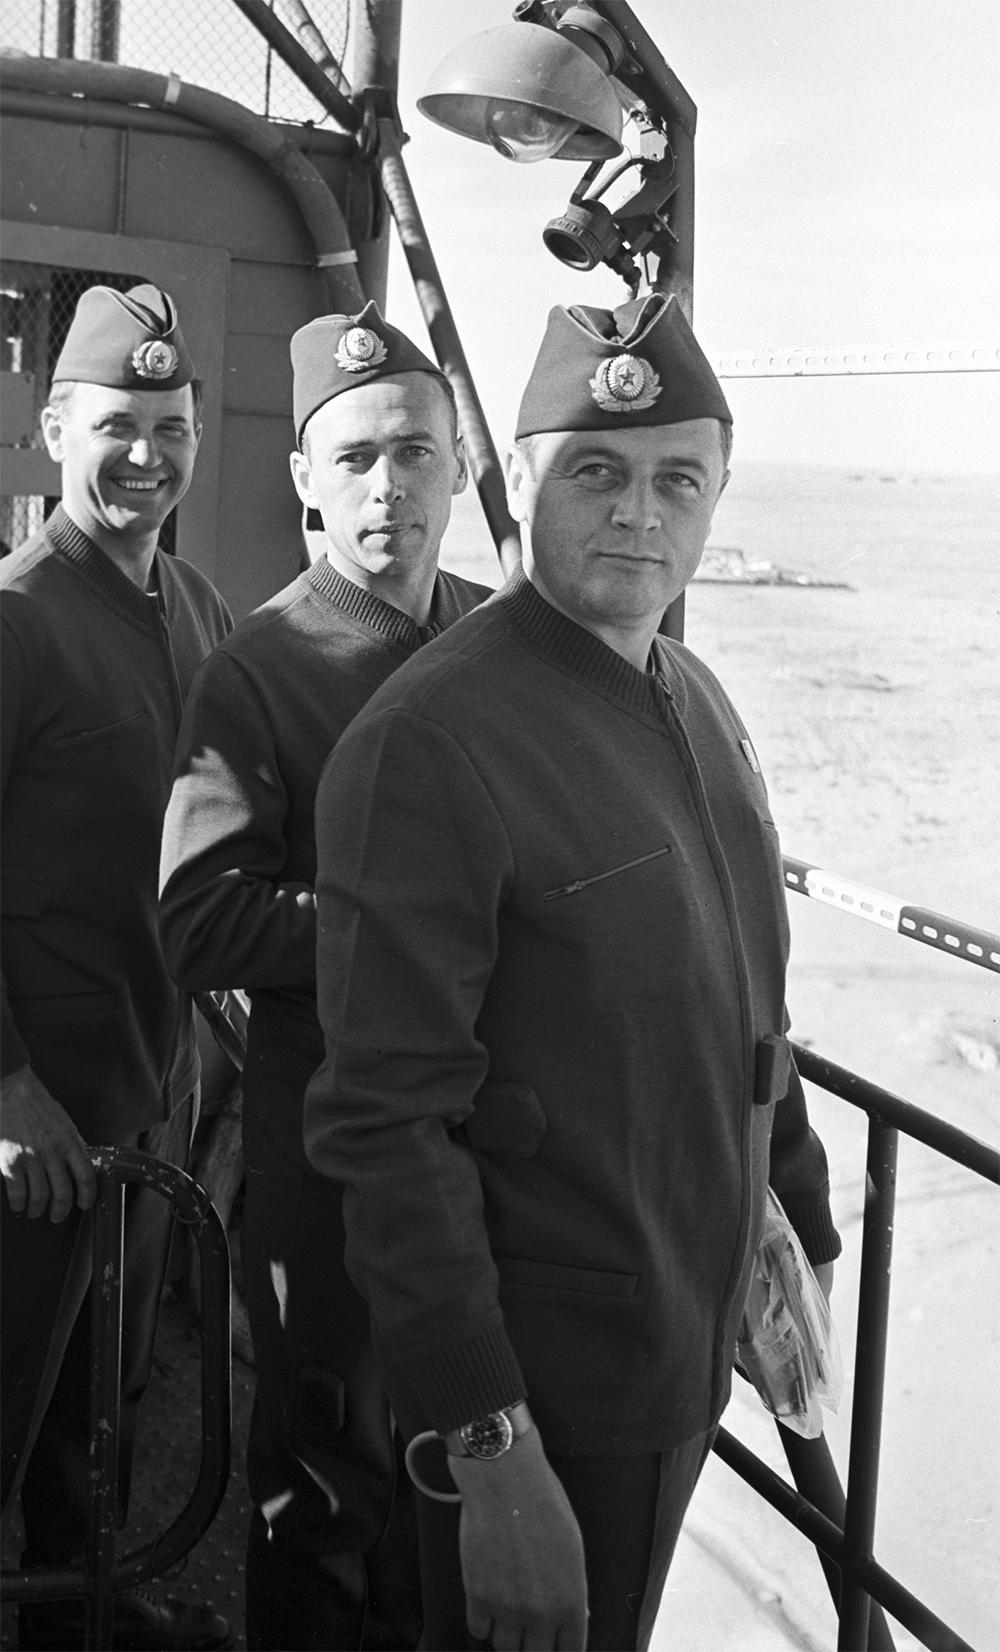 Экипаж космического корабля «Союз-11» (слева направо): командир корабля Георгий Добровольский, инженер-испытатель Виктор Пацаев и бортинженер Владислав Волков на космодроме Байконур перед полётом.